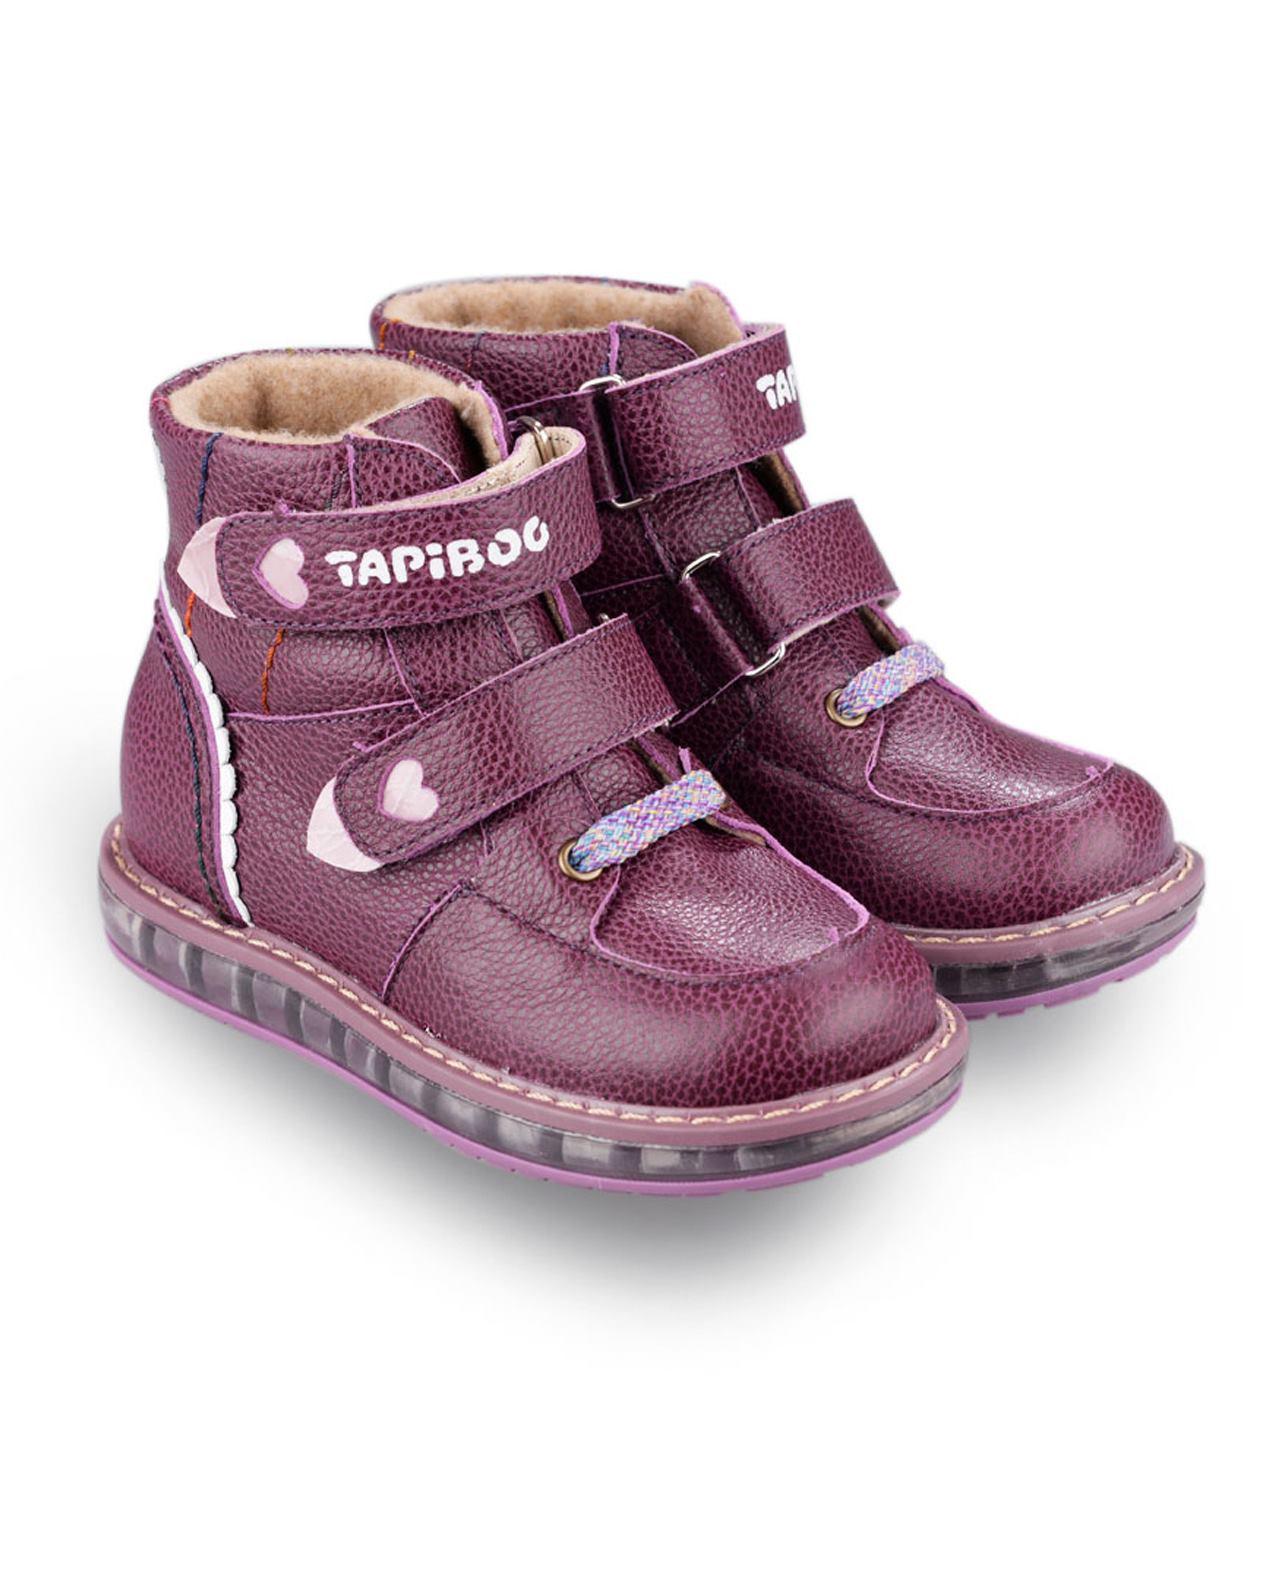 Ботинки Детские, Tapiboo Смородина (42128, 26 )Осень<br>Ботинки утепленные. Многослойная, анатомическая <br>стелька для правильного формирования стопы. <br>Жесткий фиксирующий задник с удлиненным <br>крылом надежно стабилизирует голеностопный <br>сустав во время ходьбы. Упругая, умеренно-эластичная <br>подошва, имеющая перекат позволяющий повторить <br>естественное движение стопы при ходьбе <br>для правильного распределения нагрузки <br>на опорно-двигательный аппарат ребенка. <br>Подкладка из байки LANATEX поддерживает комфортную <br>температуру внутри обуви при погодных условиях <br>от +5 до -5 градусов. Застежки типа «велкро» <br>позволяют оптимально подогнать полноту <br>обуви по ноге ребенка (большой подъем или <br>вложение специальных вкладных ортопедических <br>приспособлений), обеспечивая при этом оптимальную <br>фиксацию стопы.<br>Размер INT: M; Цвет: Красный; Ширина: 100; Высота: 200; Вес: 1000;